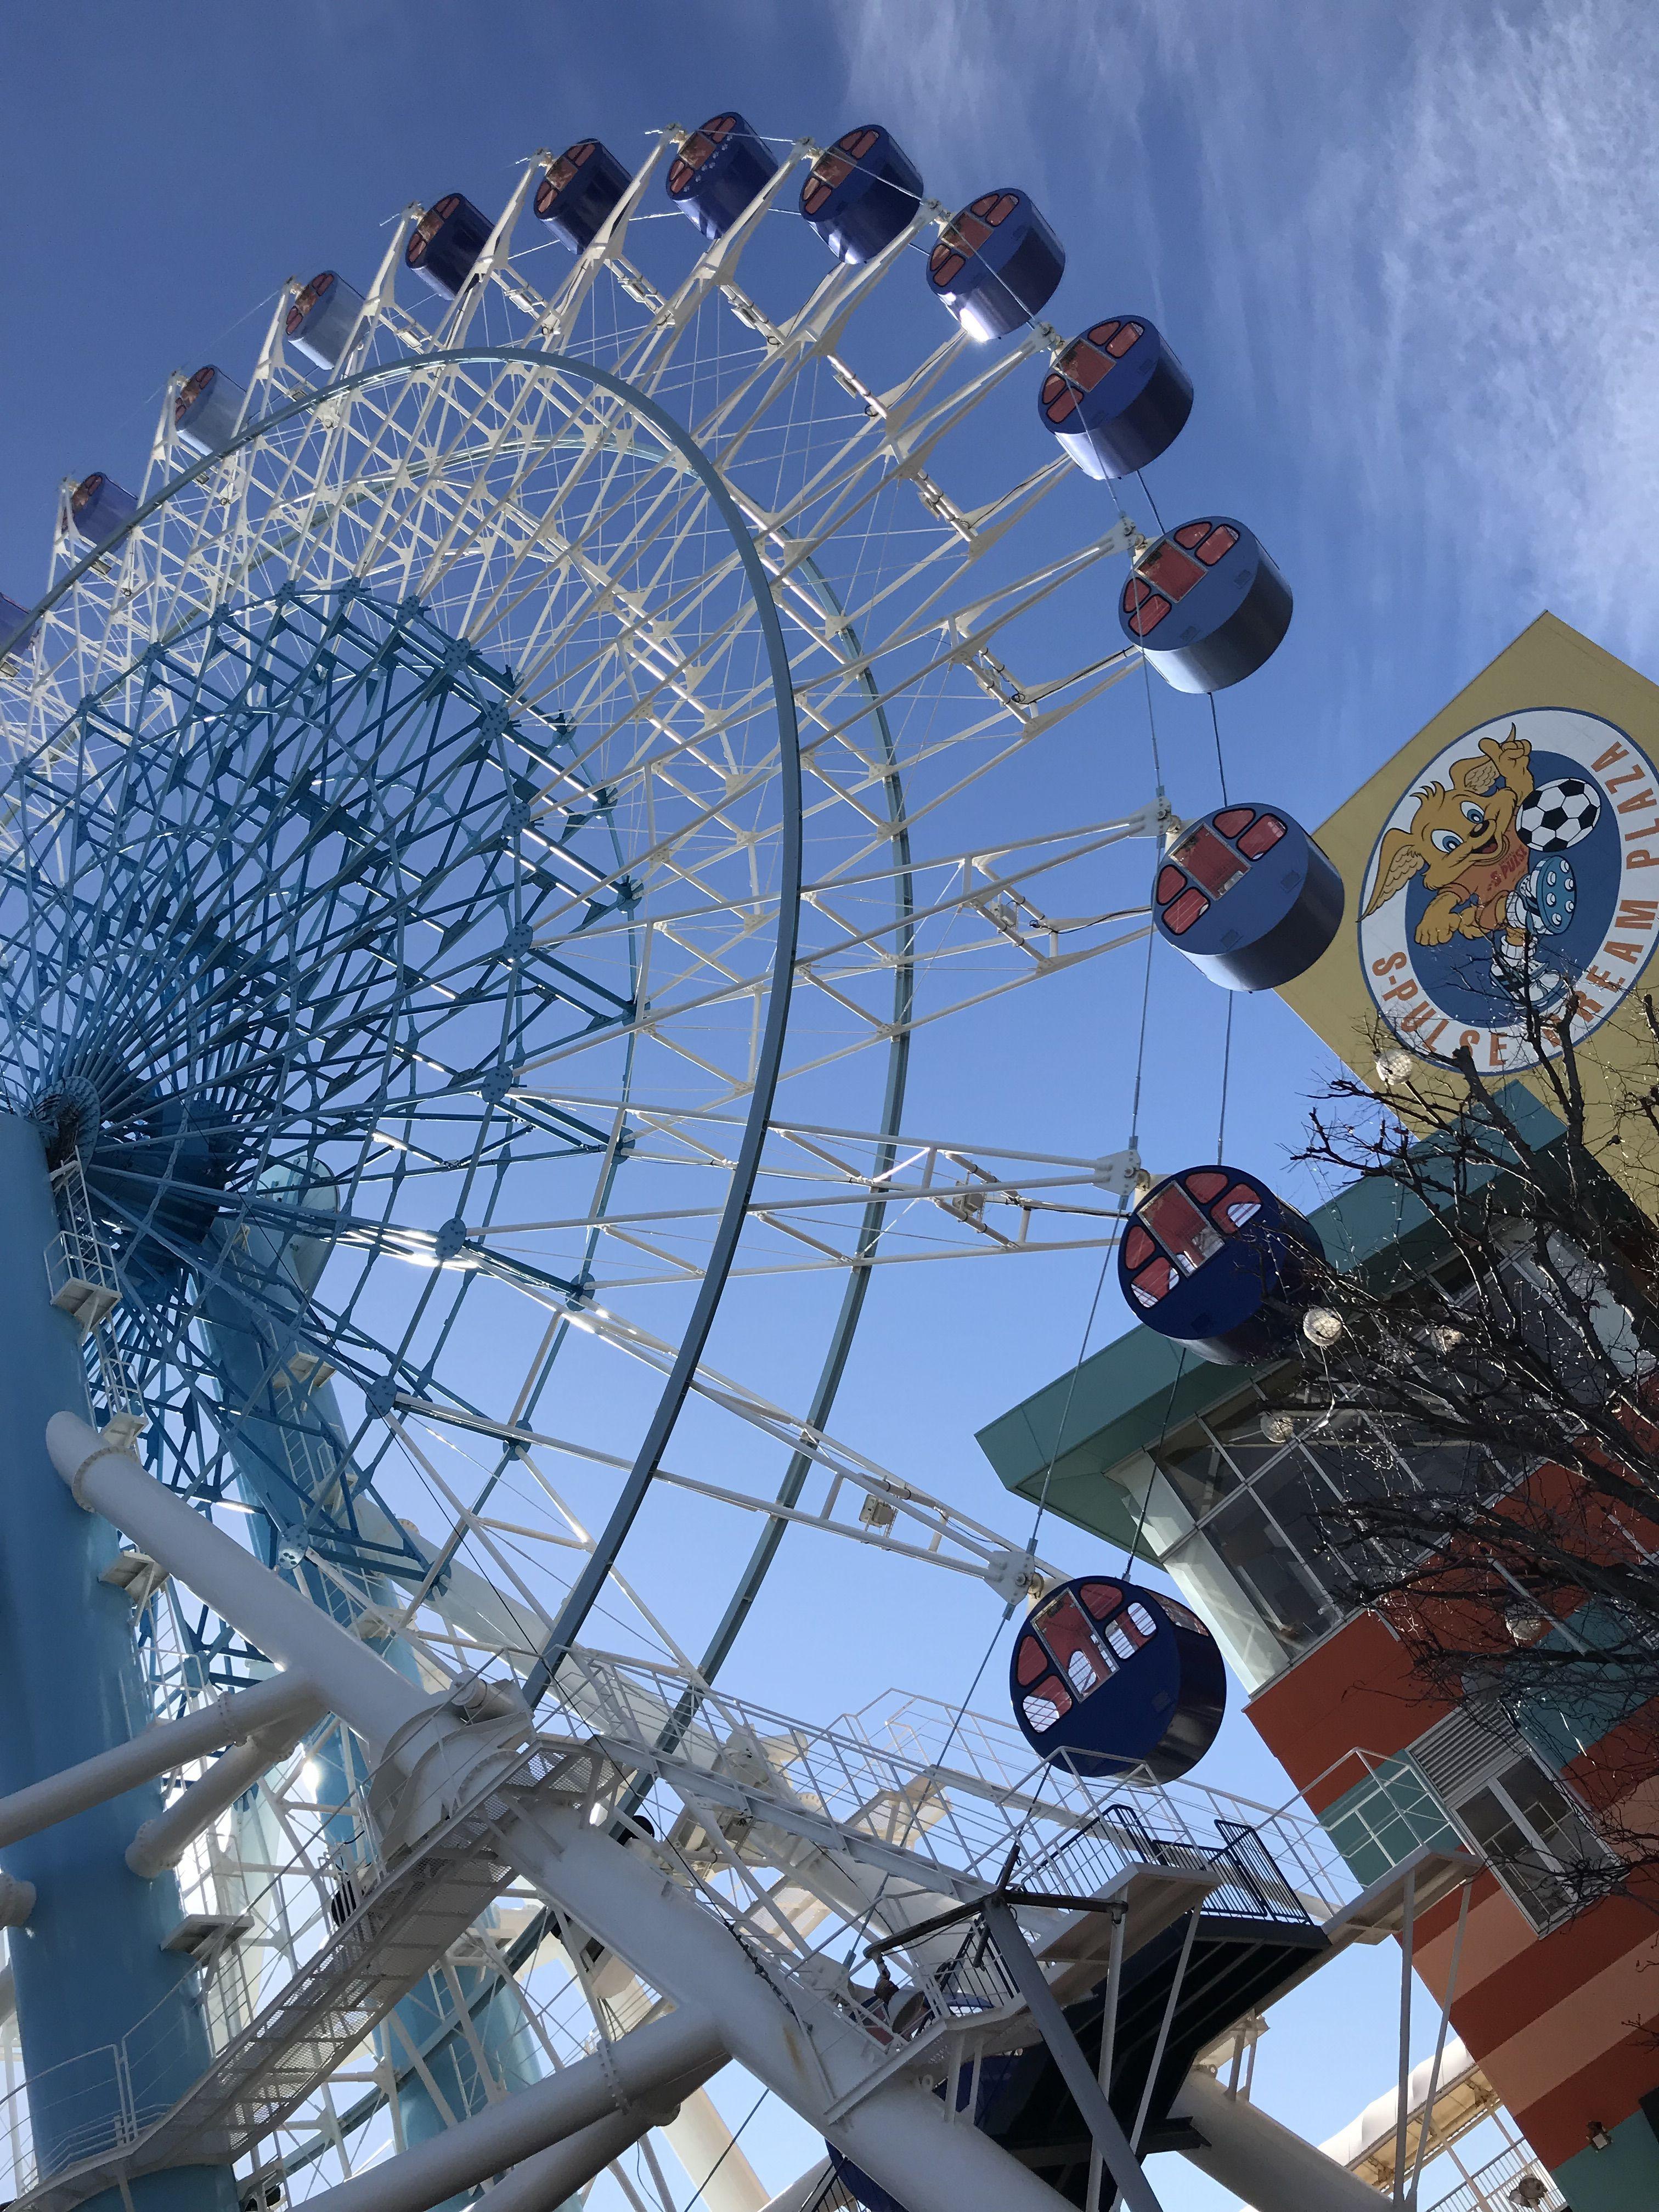 13b8a10cbfcc6067ed25ecf6d6189285 Frais De Aquarium Osaka Concept